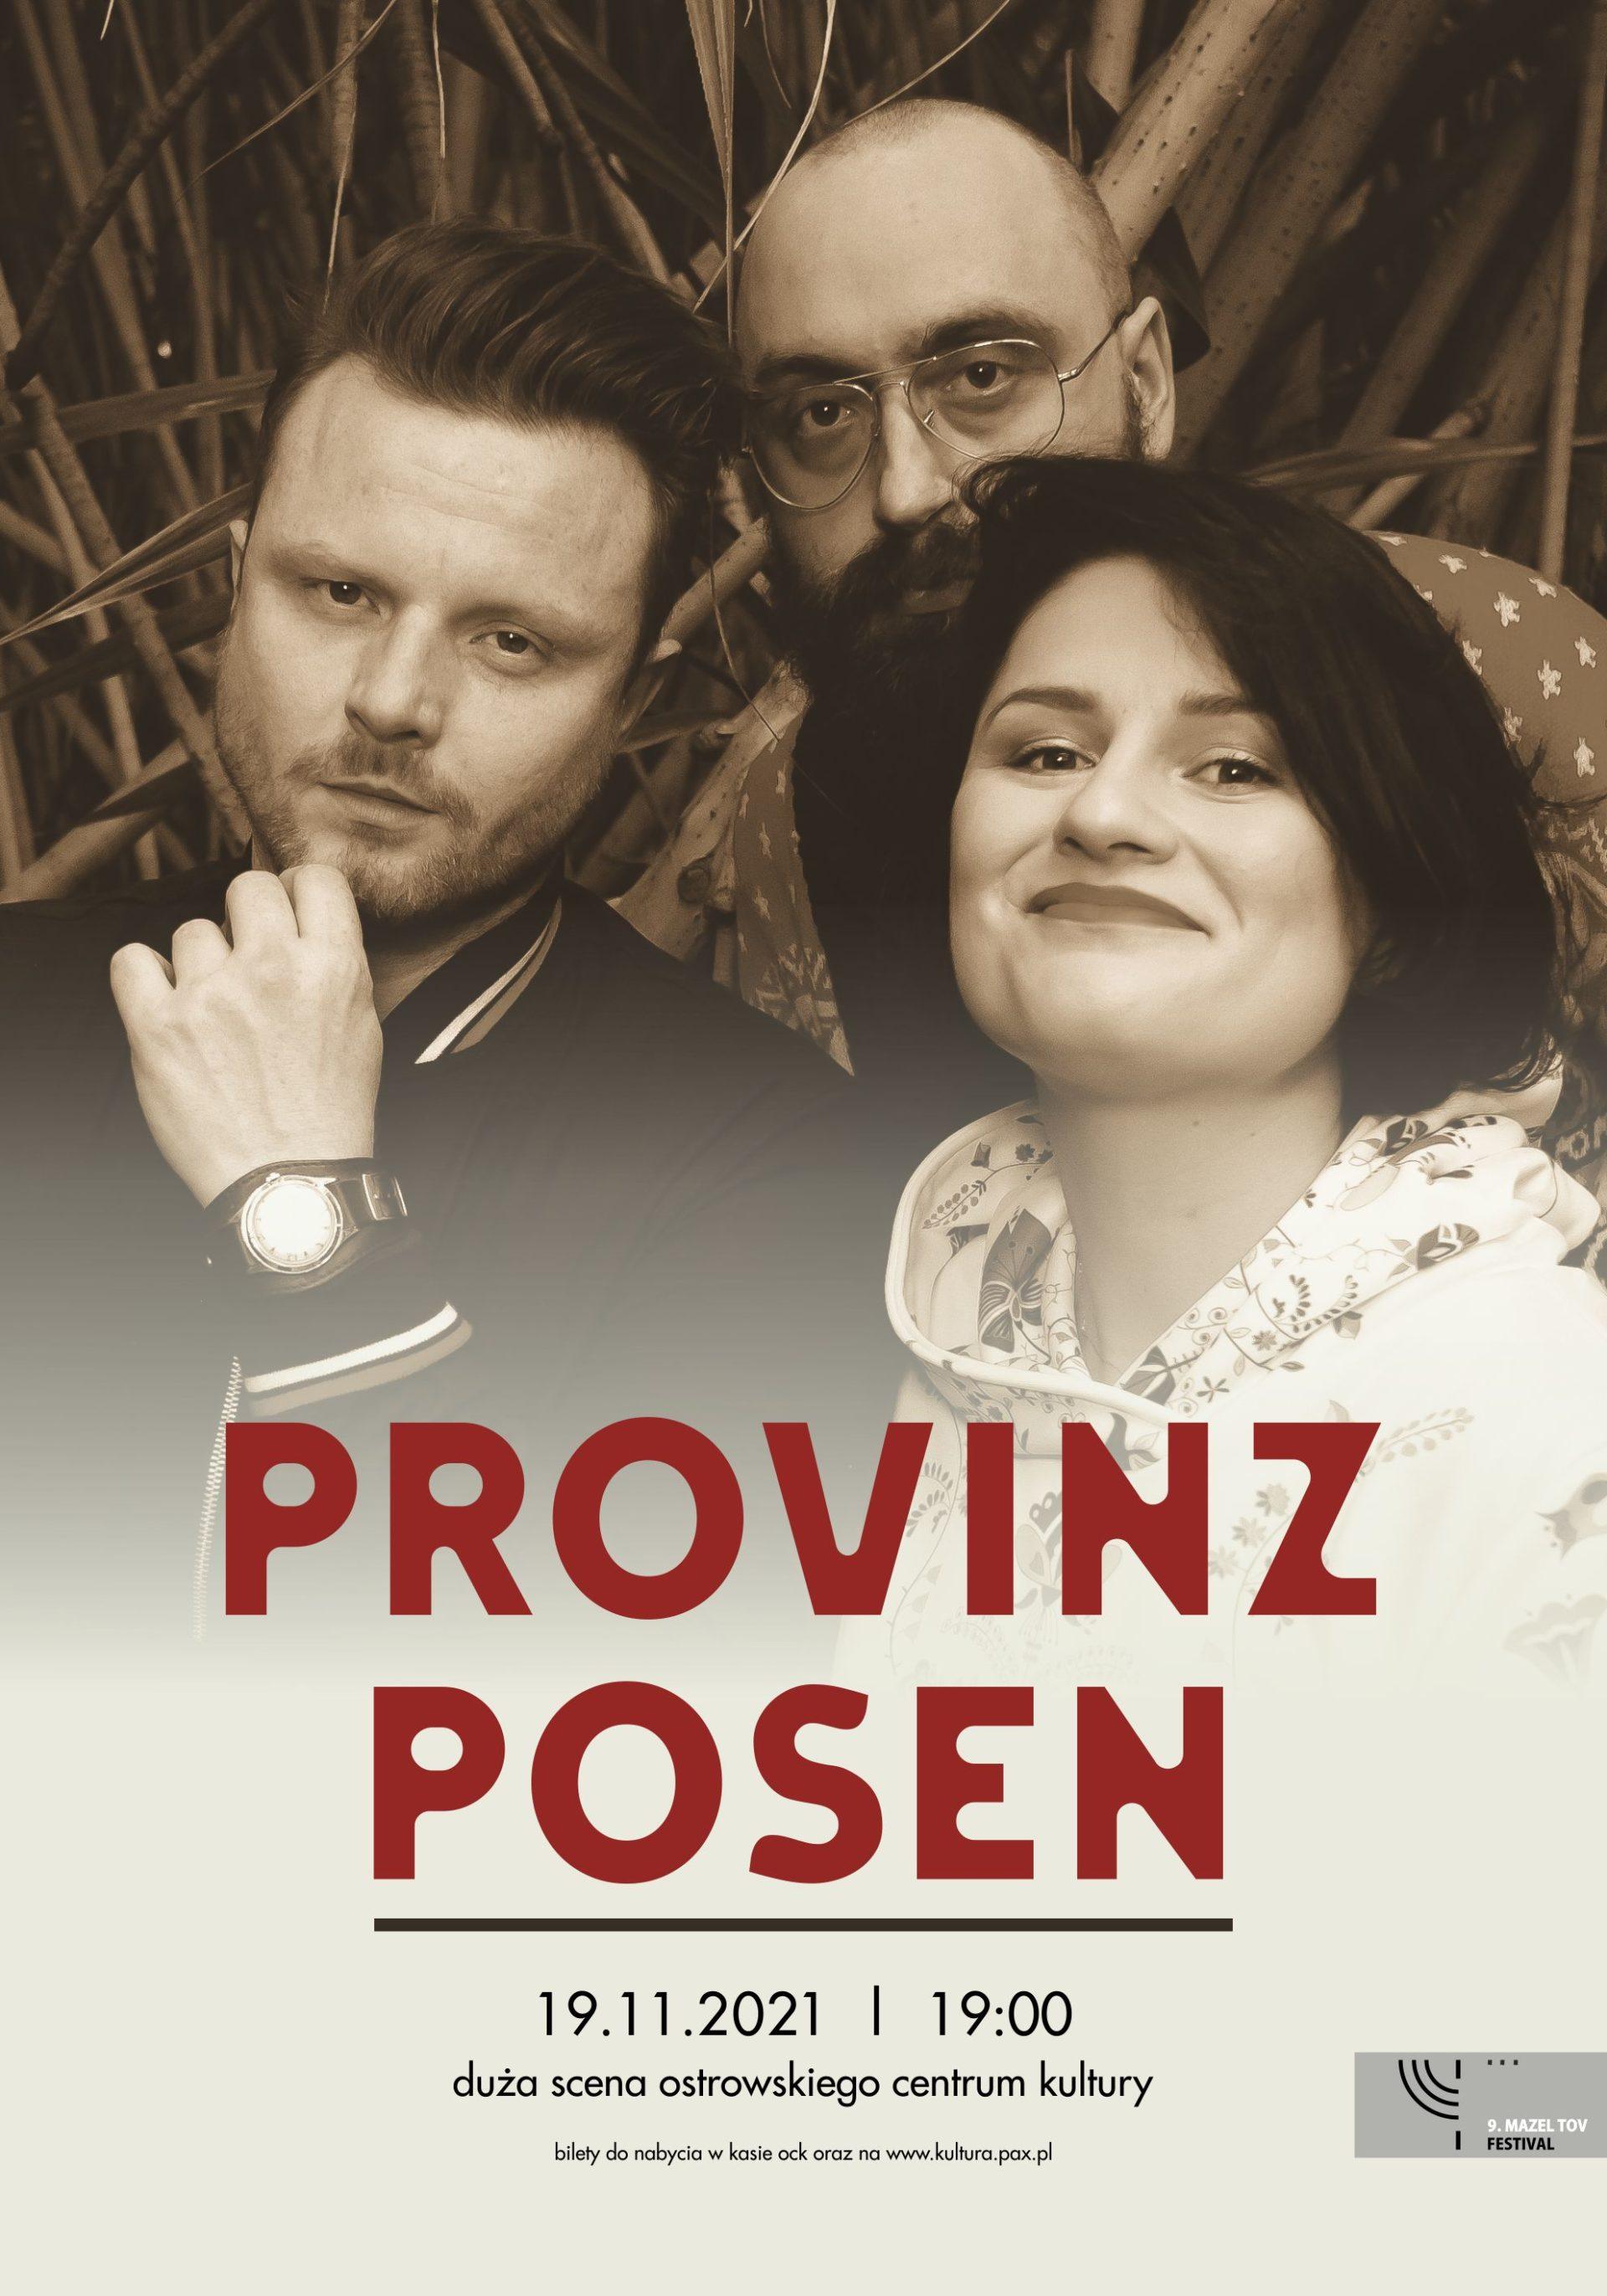 9. Mazel Tov Festival   Provinz Posen